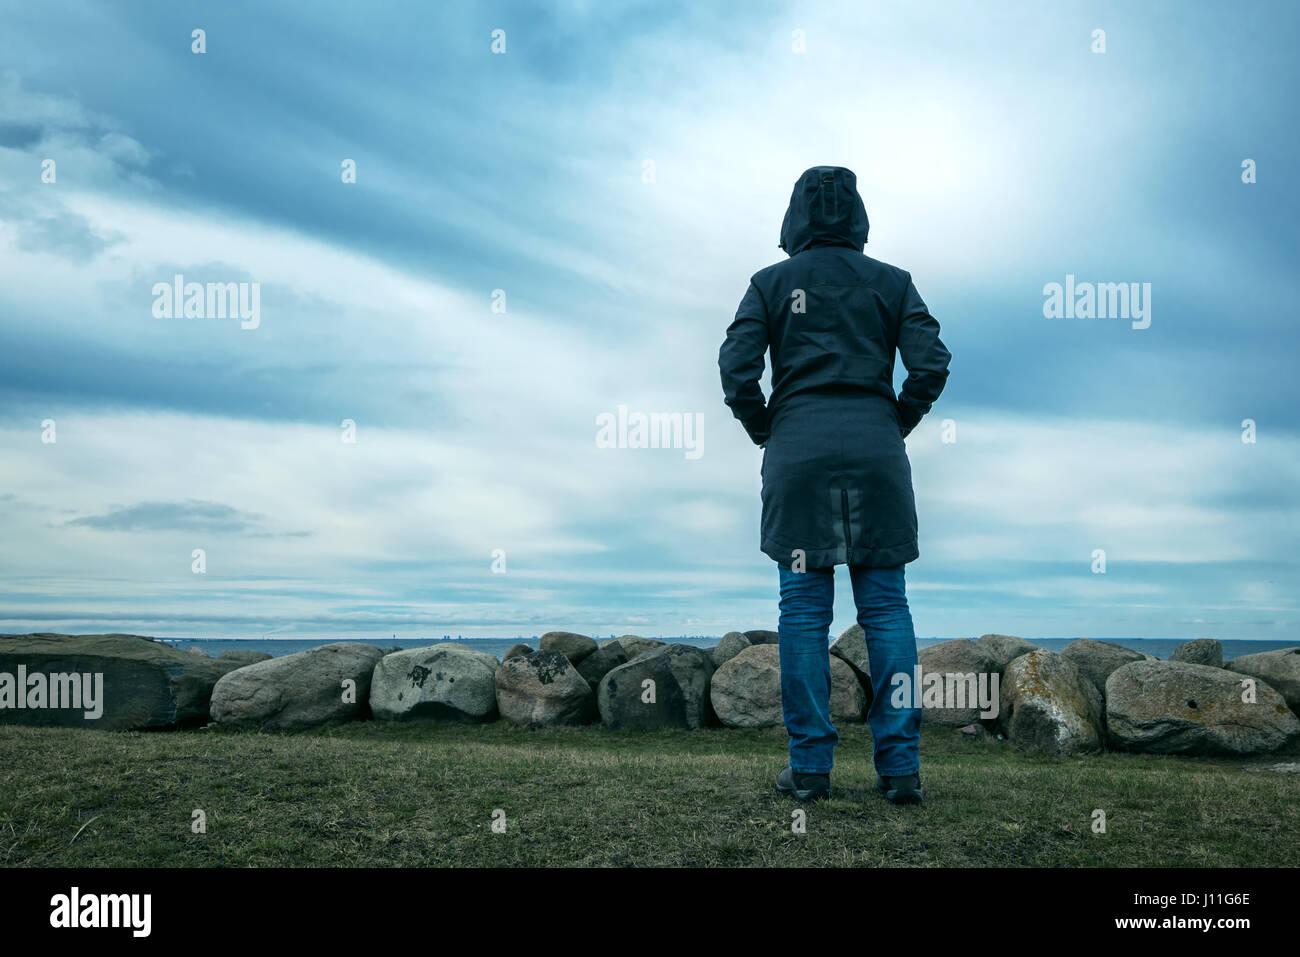 Lonely encapuchado persona femenina desde detrás de pie en la orilla y mirando en la distancia en un frío Imagen De Stock